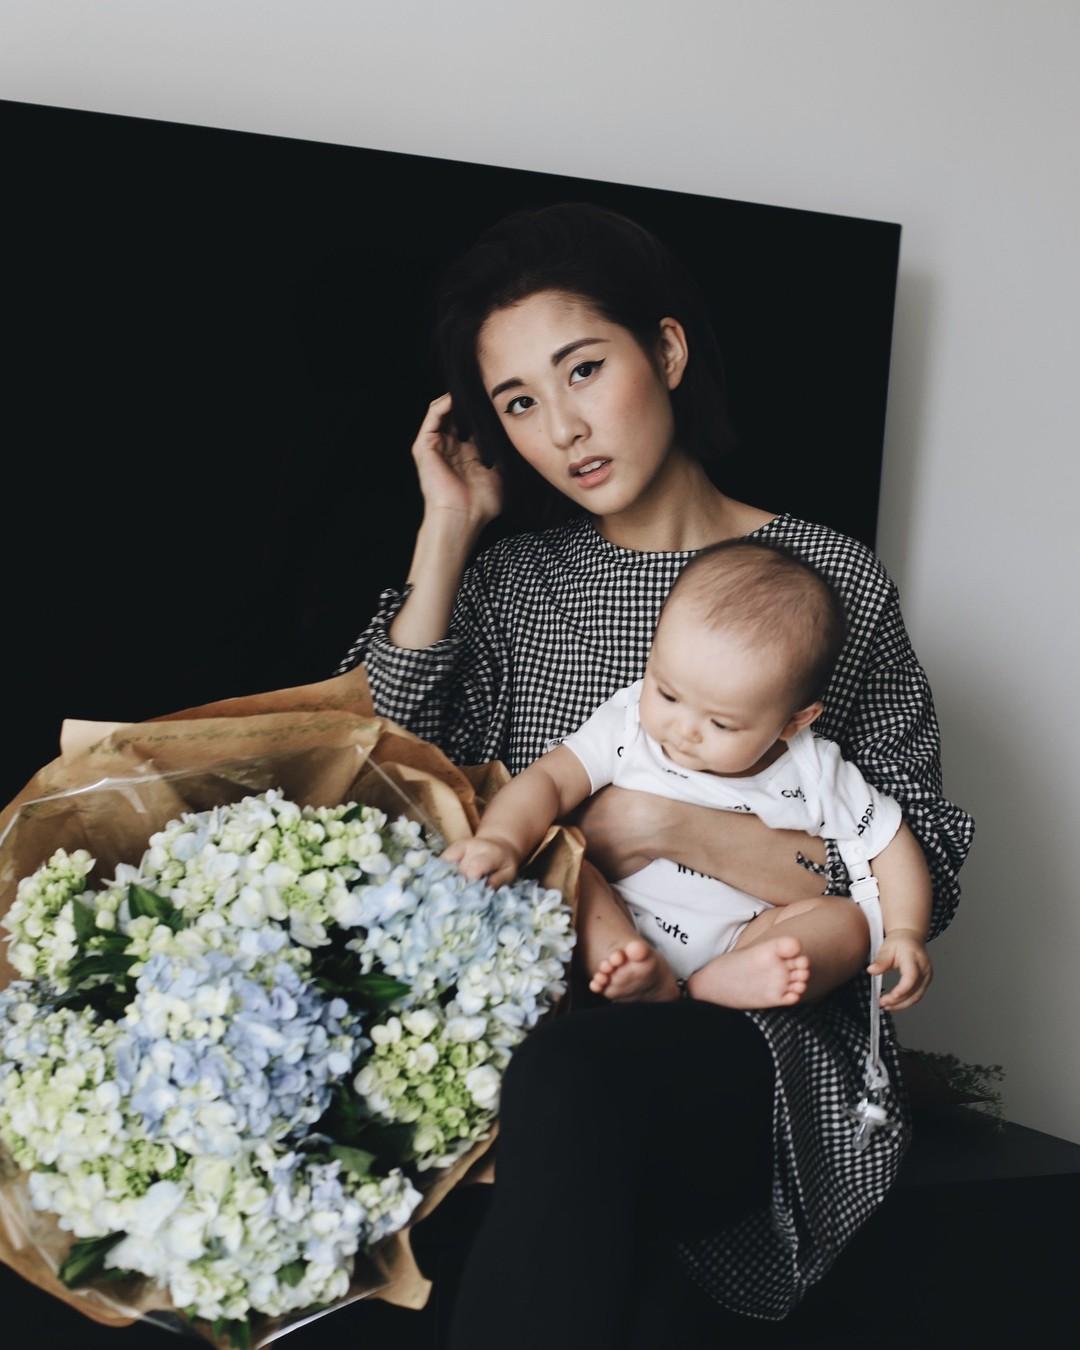 Hot mom thế hệ mới: Người kiếm 2 tỷ/tháng nhờ kinh doanh, người vượt mặt Sơn Tùng M-TP về lượng follower - Ảnh 18.